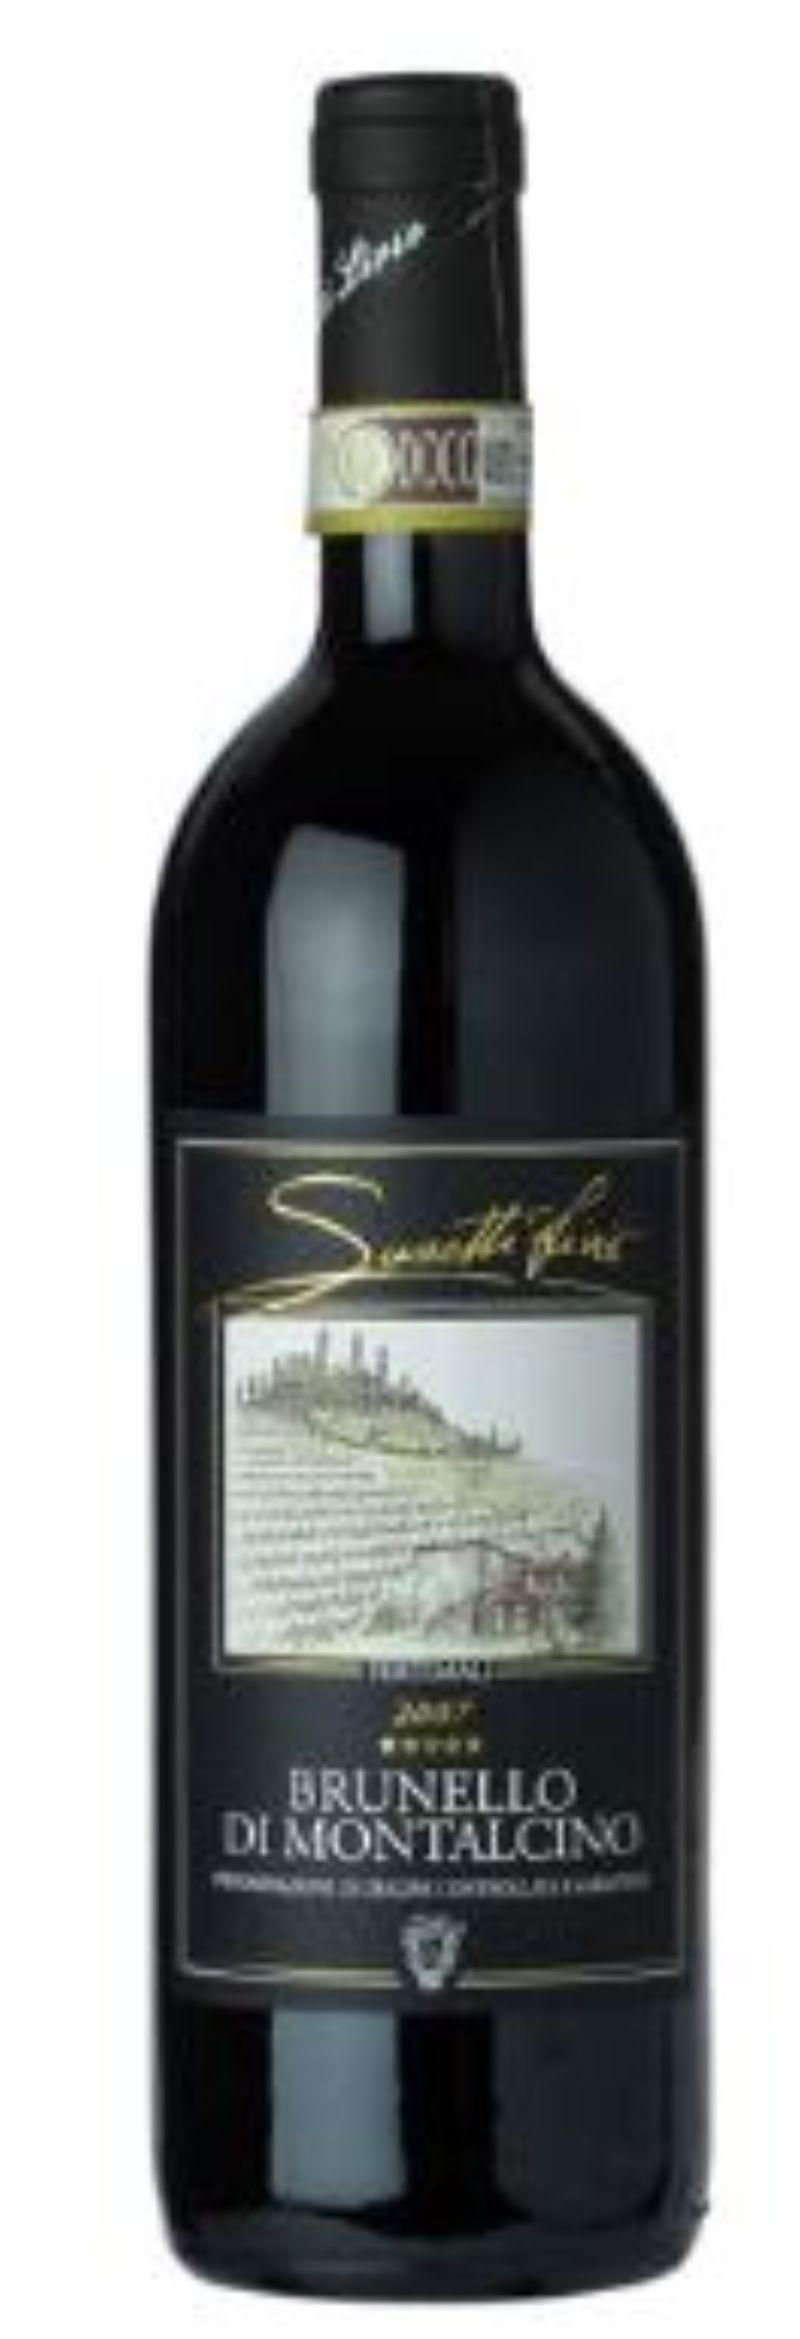 BRUNELLO-DI-MONTALCINO-SASSETTI-1997